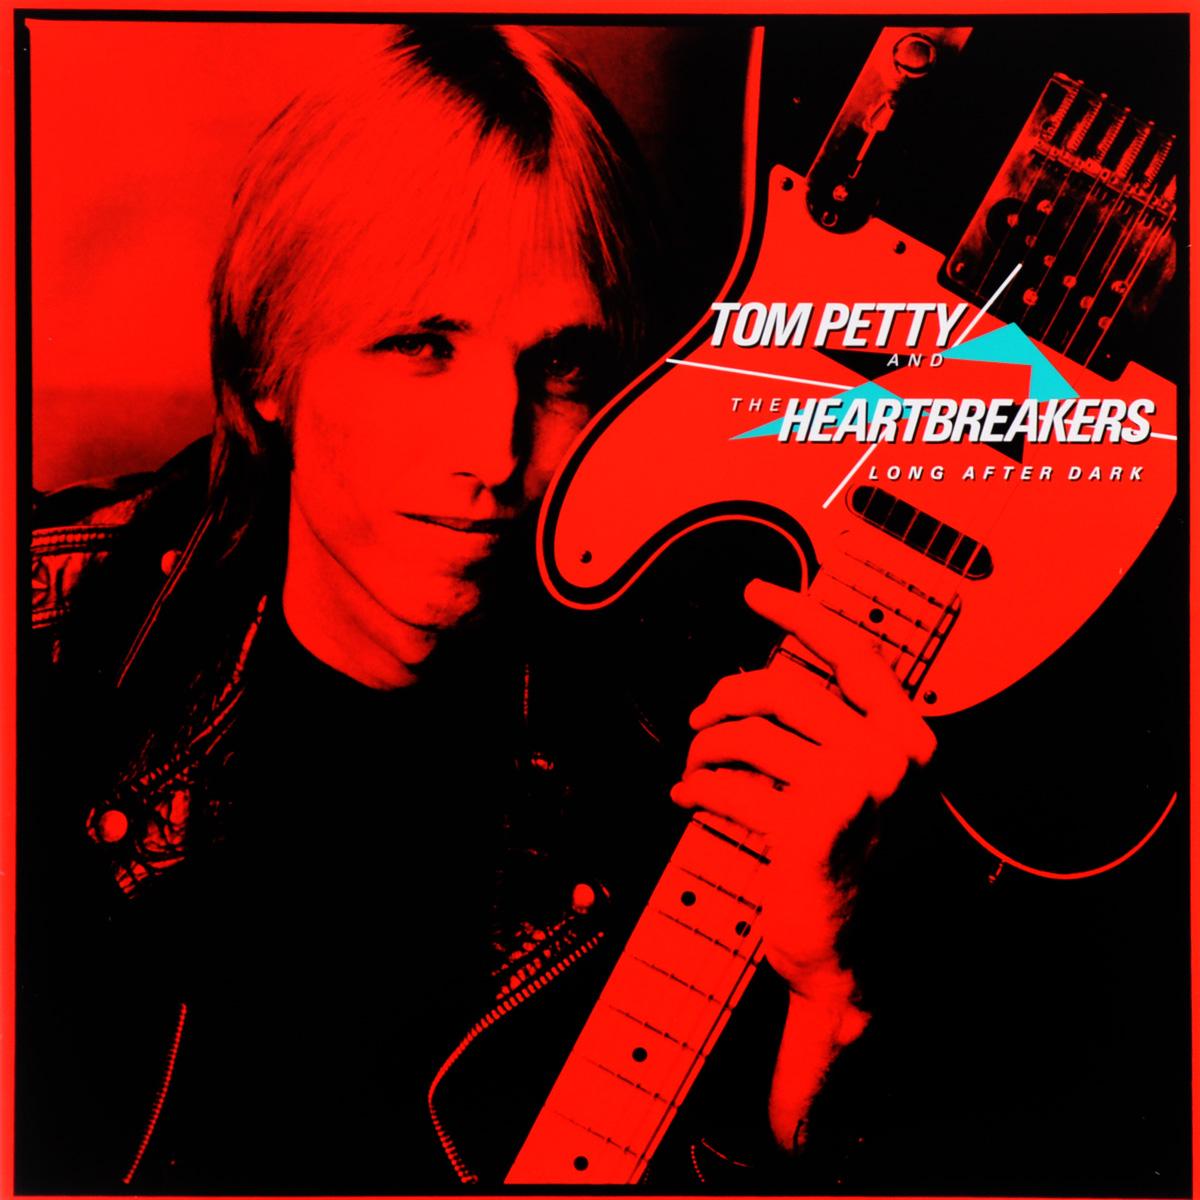 Том Петти,The Heartbreakers Tom Petty And The Heartbreakers. Long After Dark (LP) том петти tom petty damn the torpedoes lp